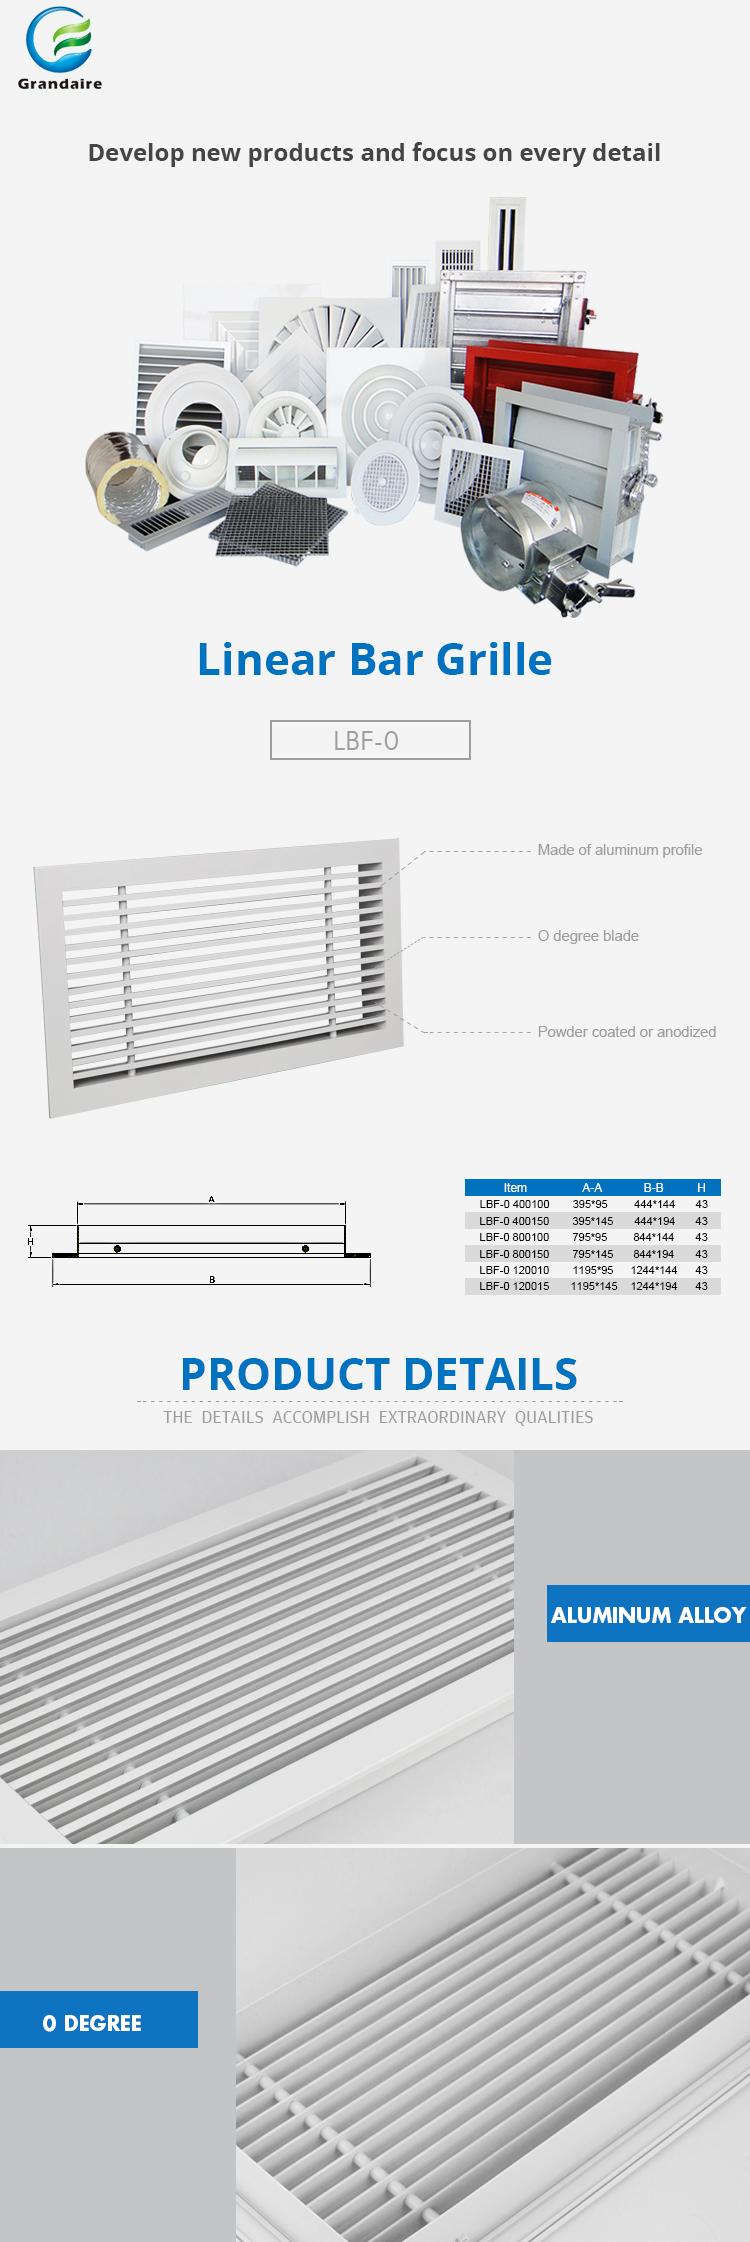 Diffusori Lineari Aria Condizionata aria condizionata griglie diffusori lineari( lgb) - buy griglia aria,aria  condizionata griglia,diffusore griglia product on alibaba